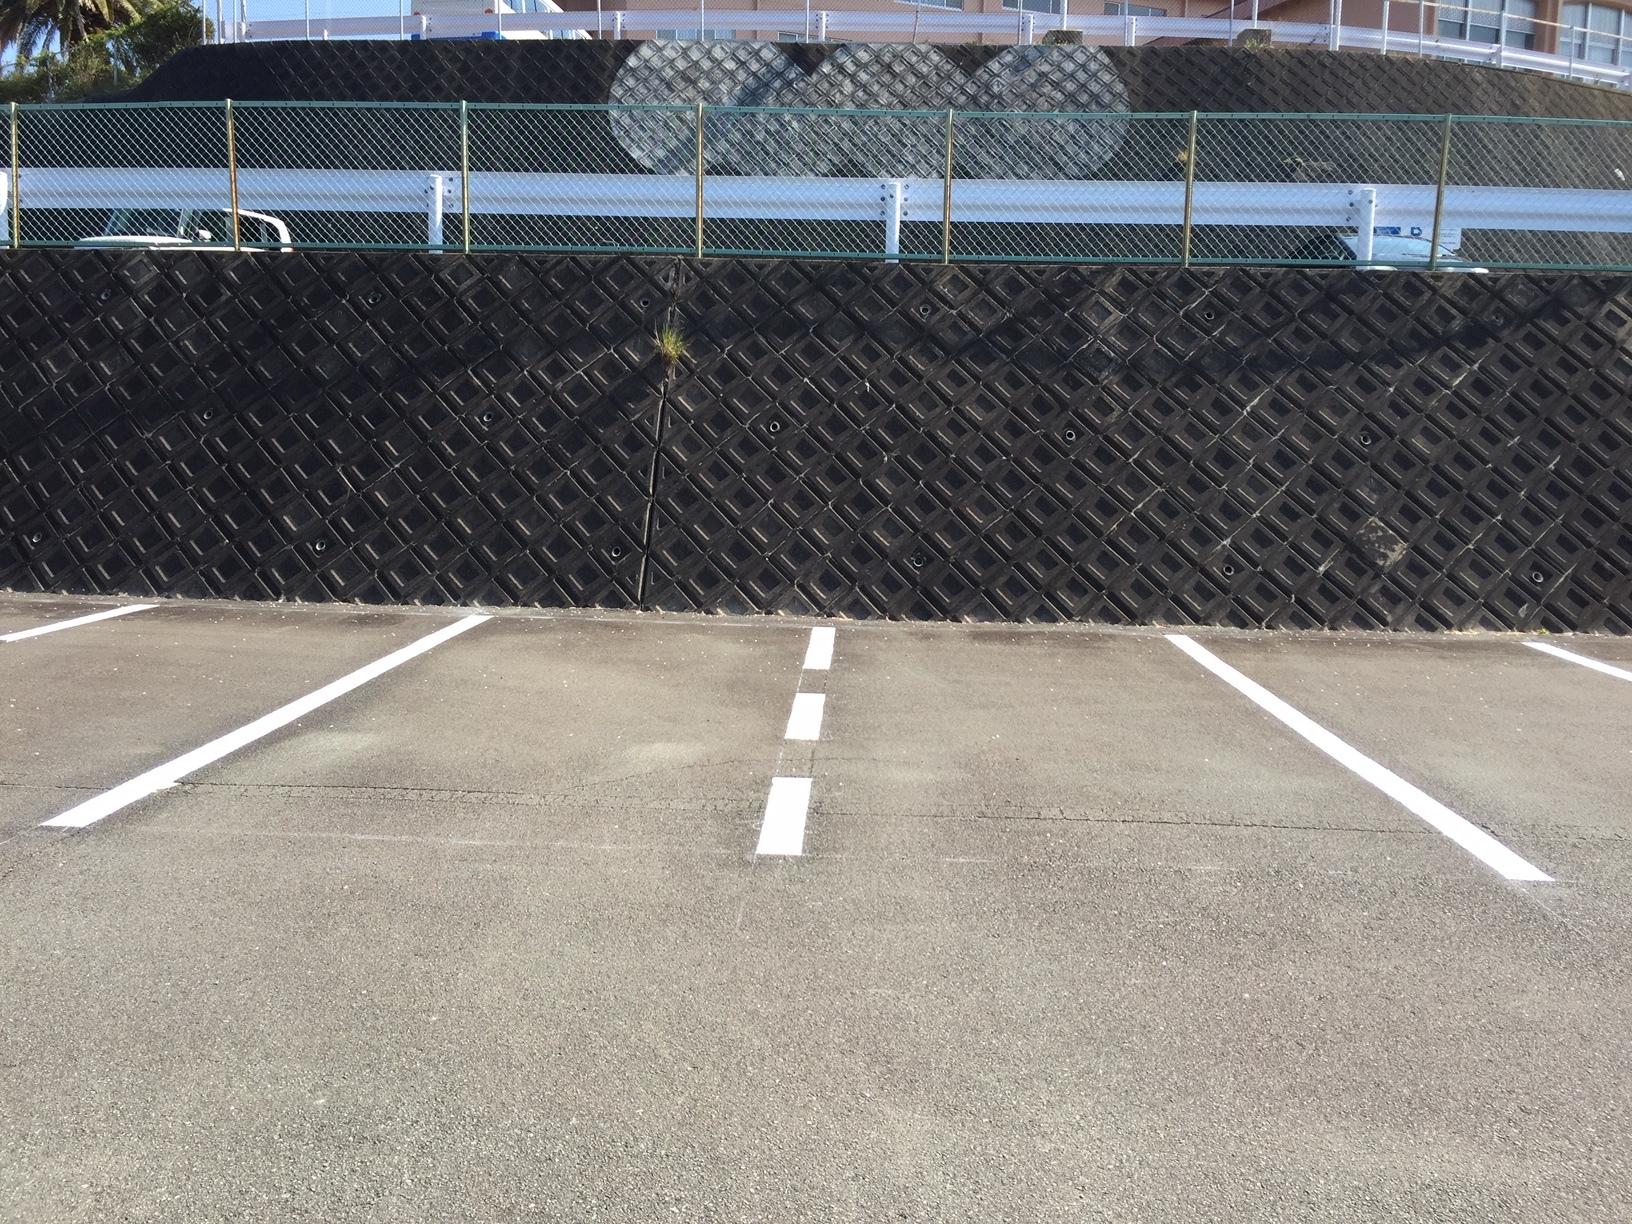 駐車可能なスペース(1台分)